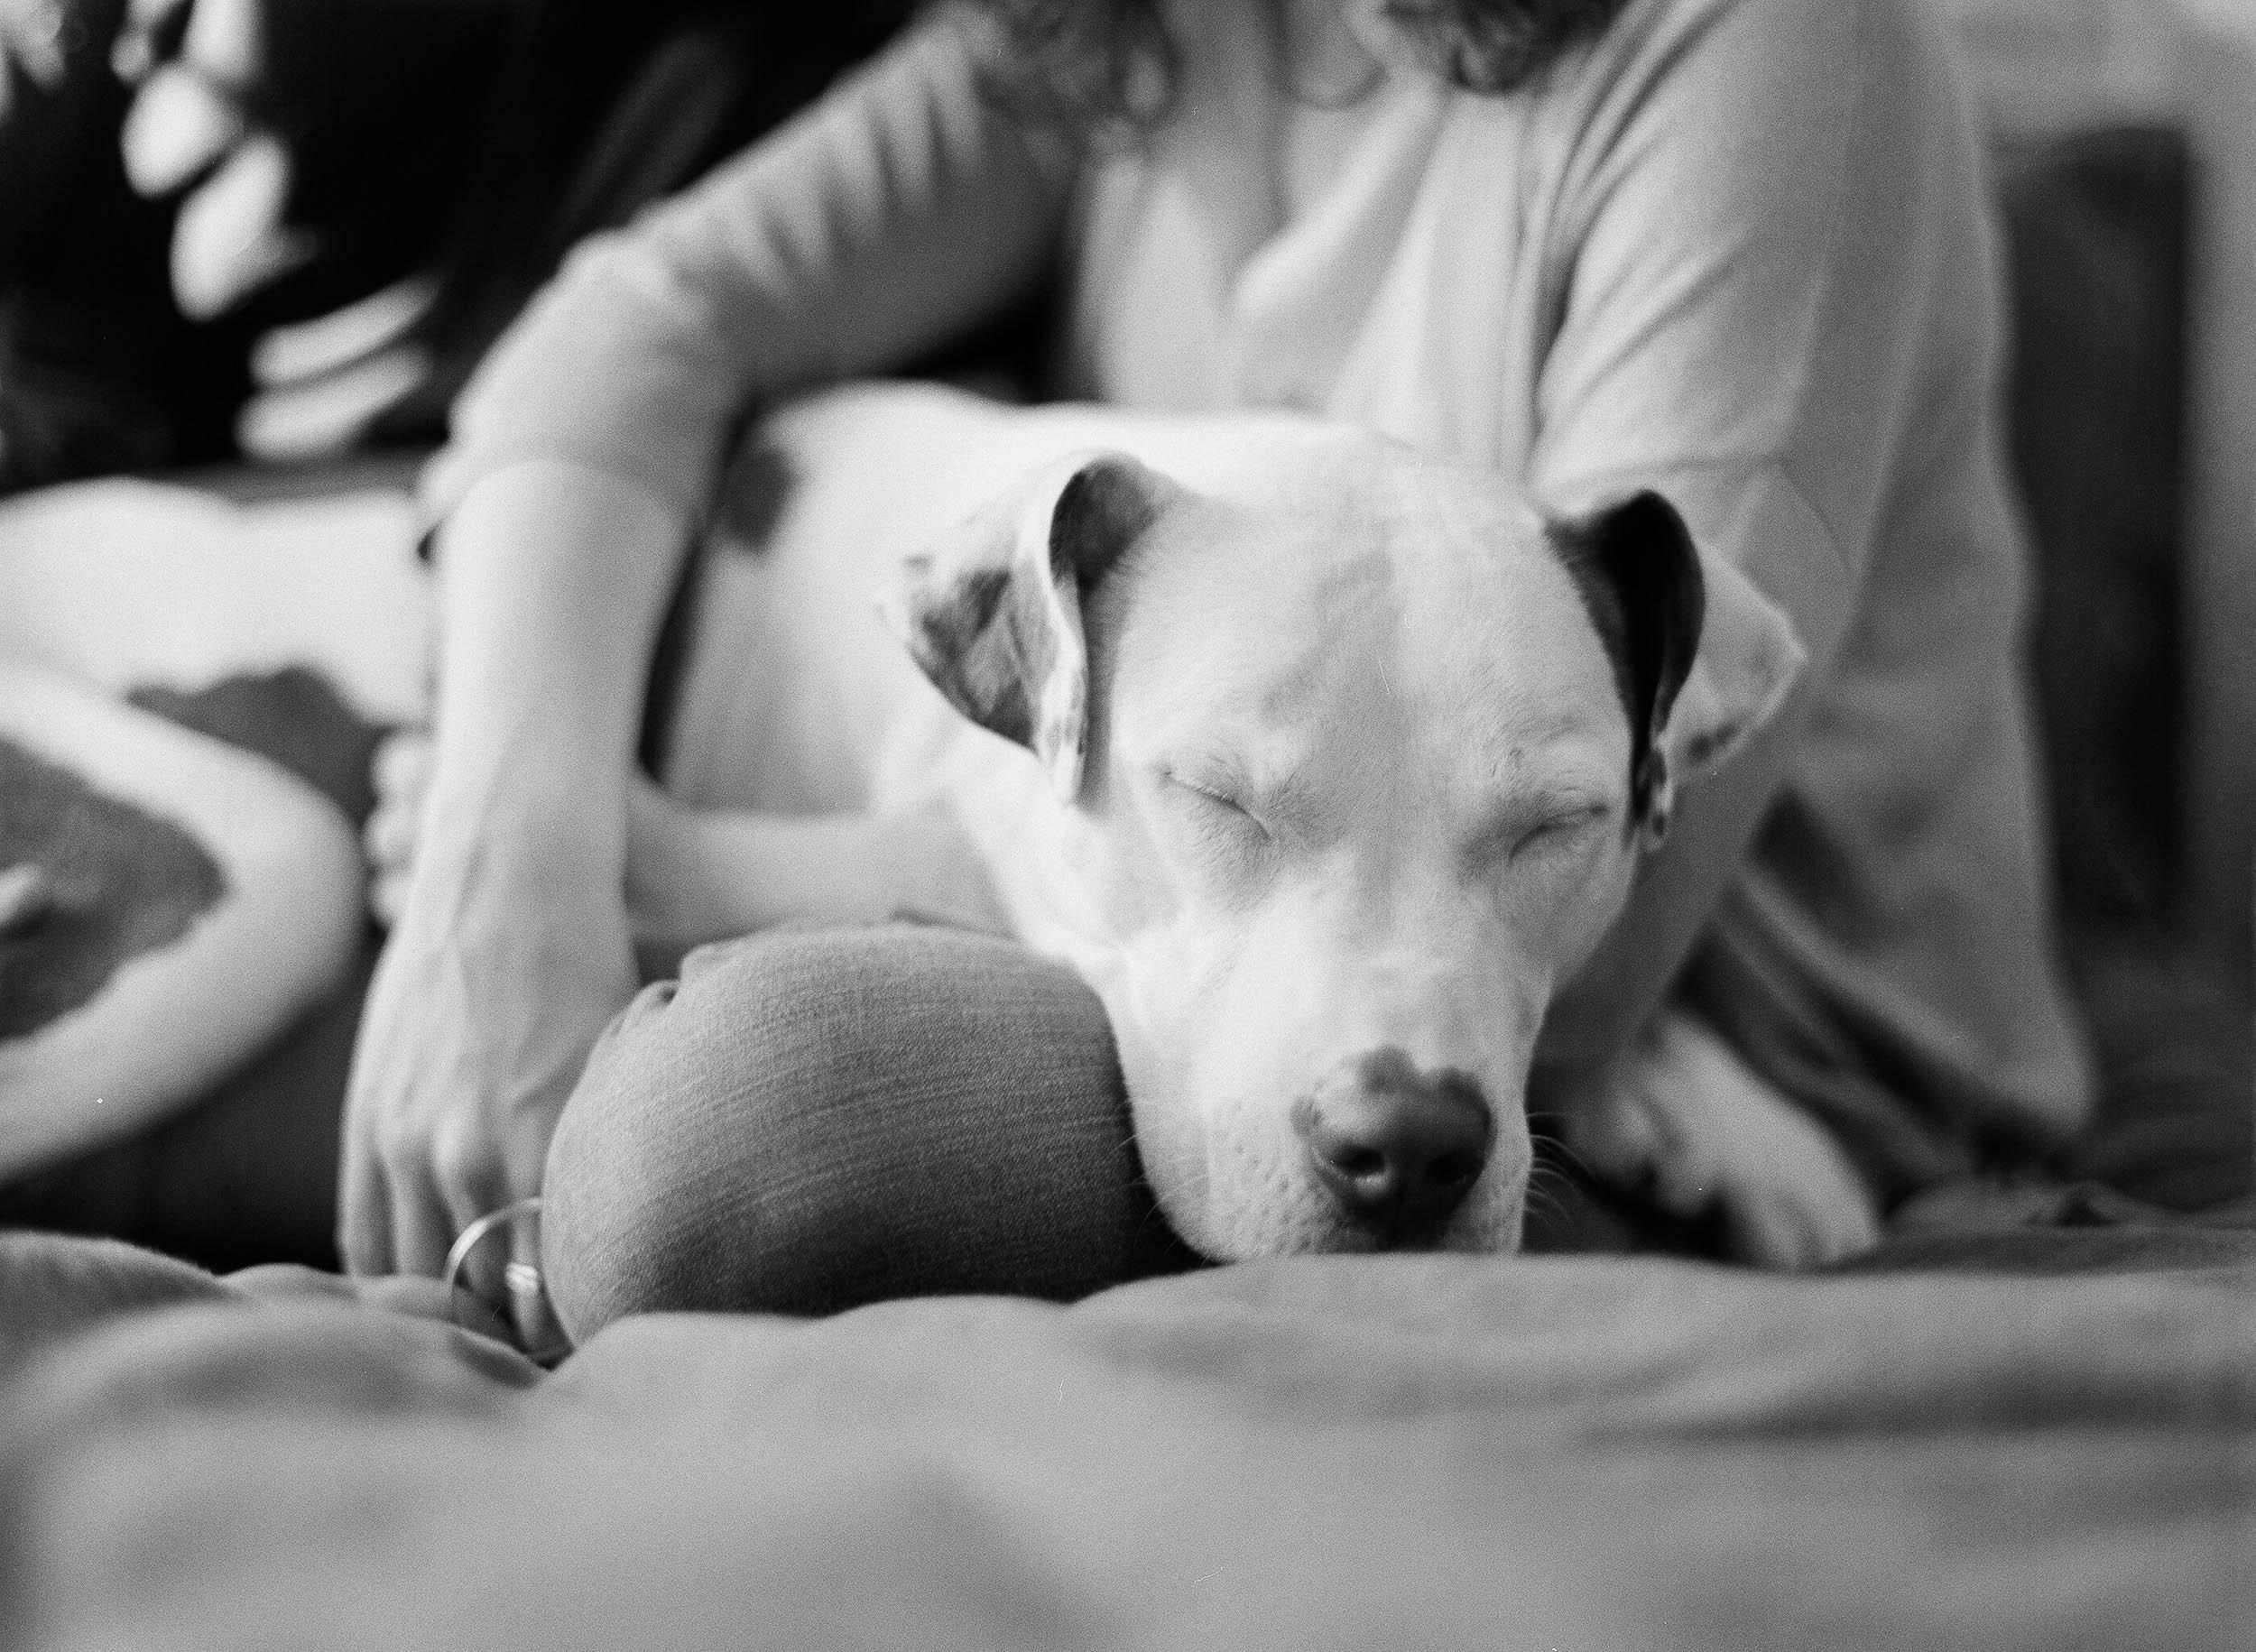 Kristen-Humbert-Family-Photoshoot-Philadelphia_Ruby-James-W-2-62.jpg